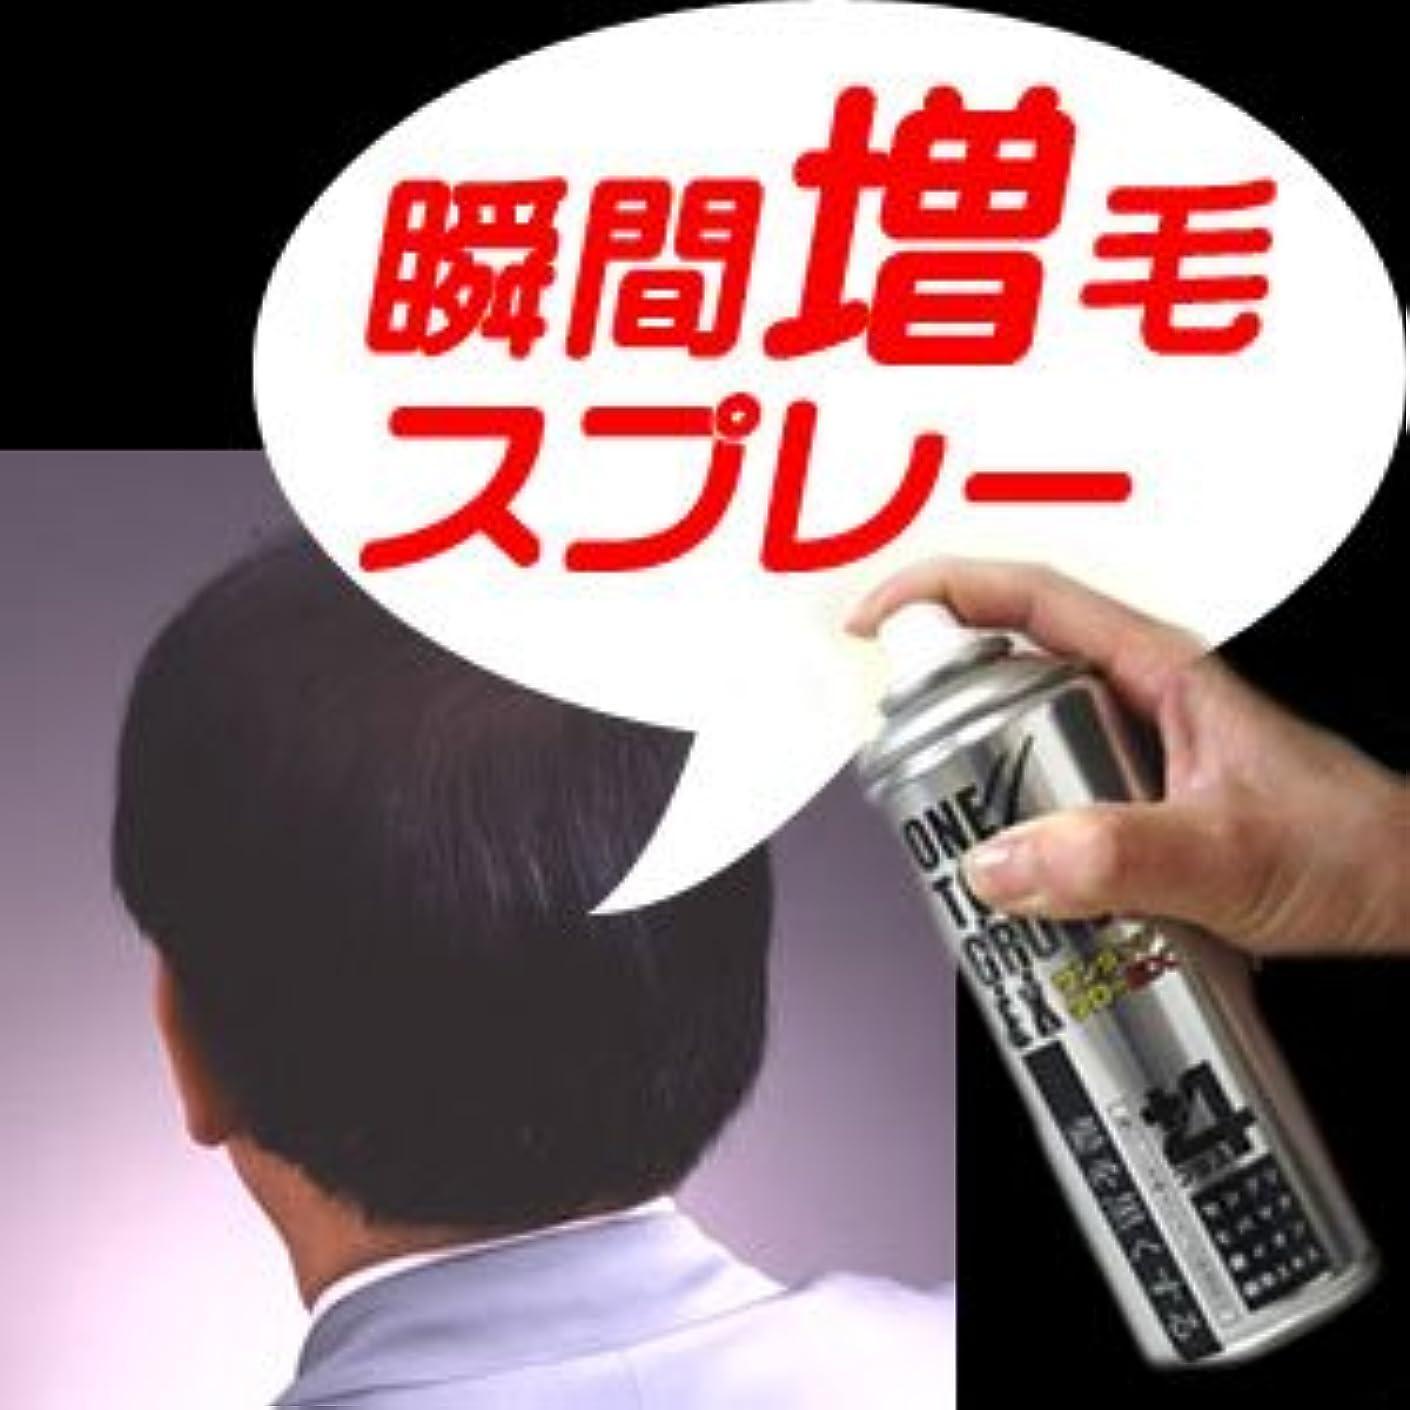 研磨剤カーフ奇跡的な新瞬間増毛スプレー(男女兼用)『ワンタッチグローEX+4』